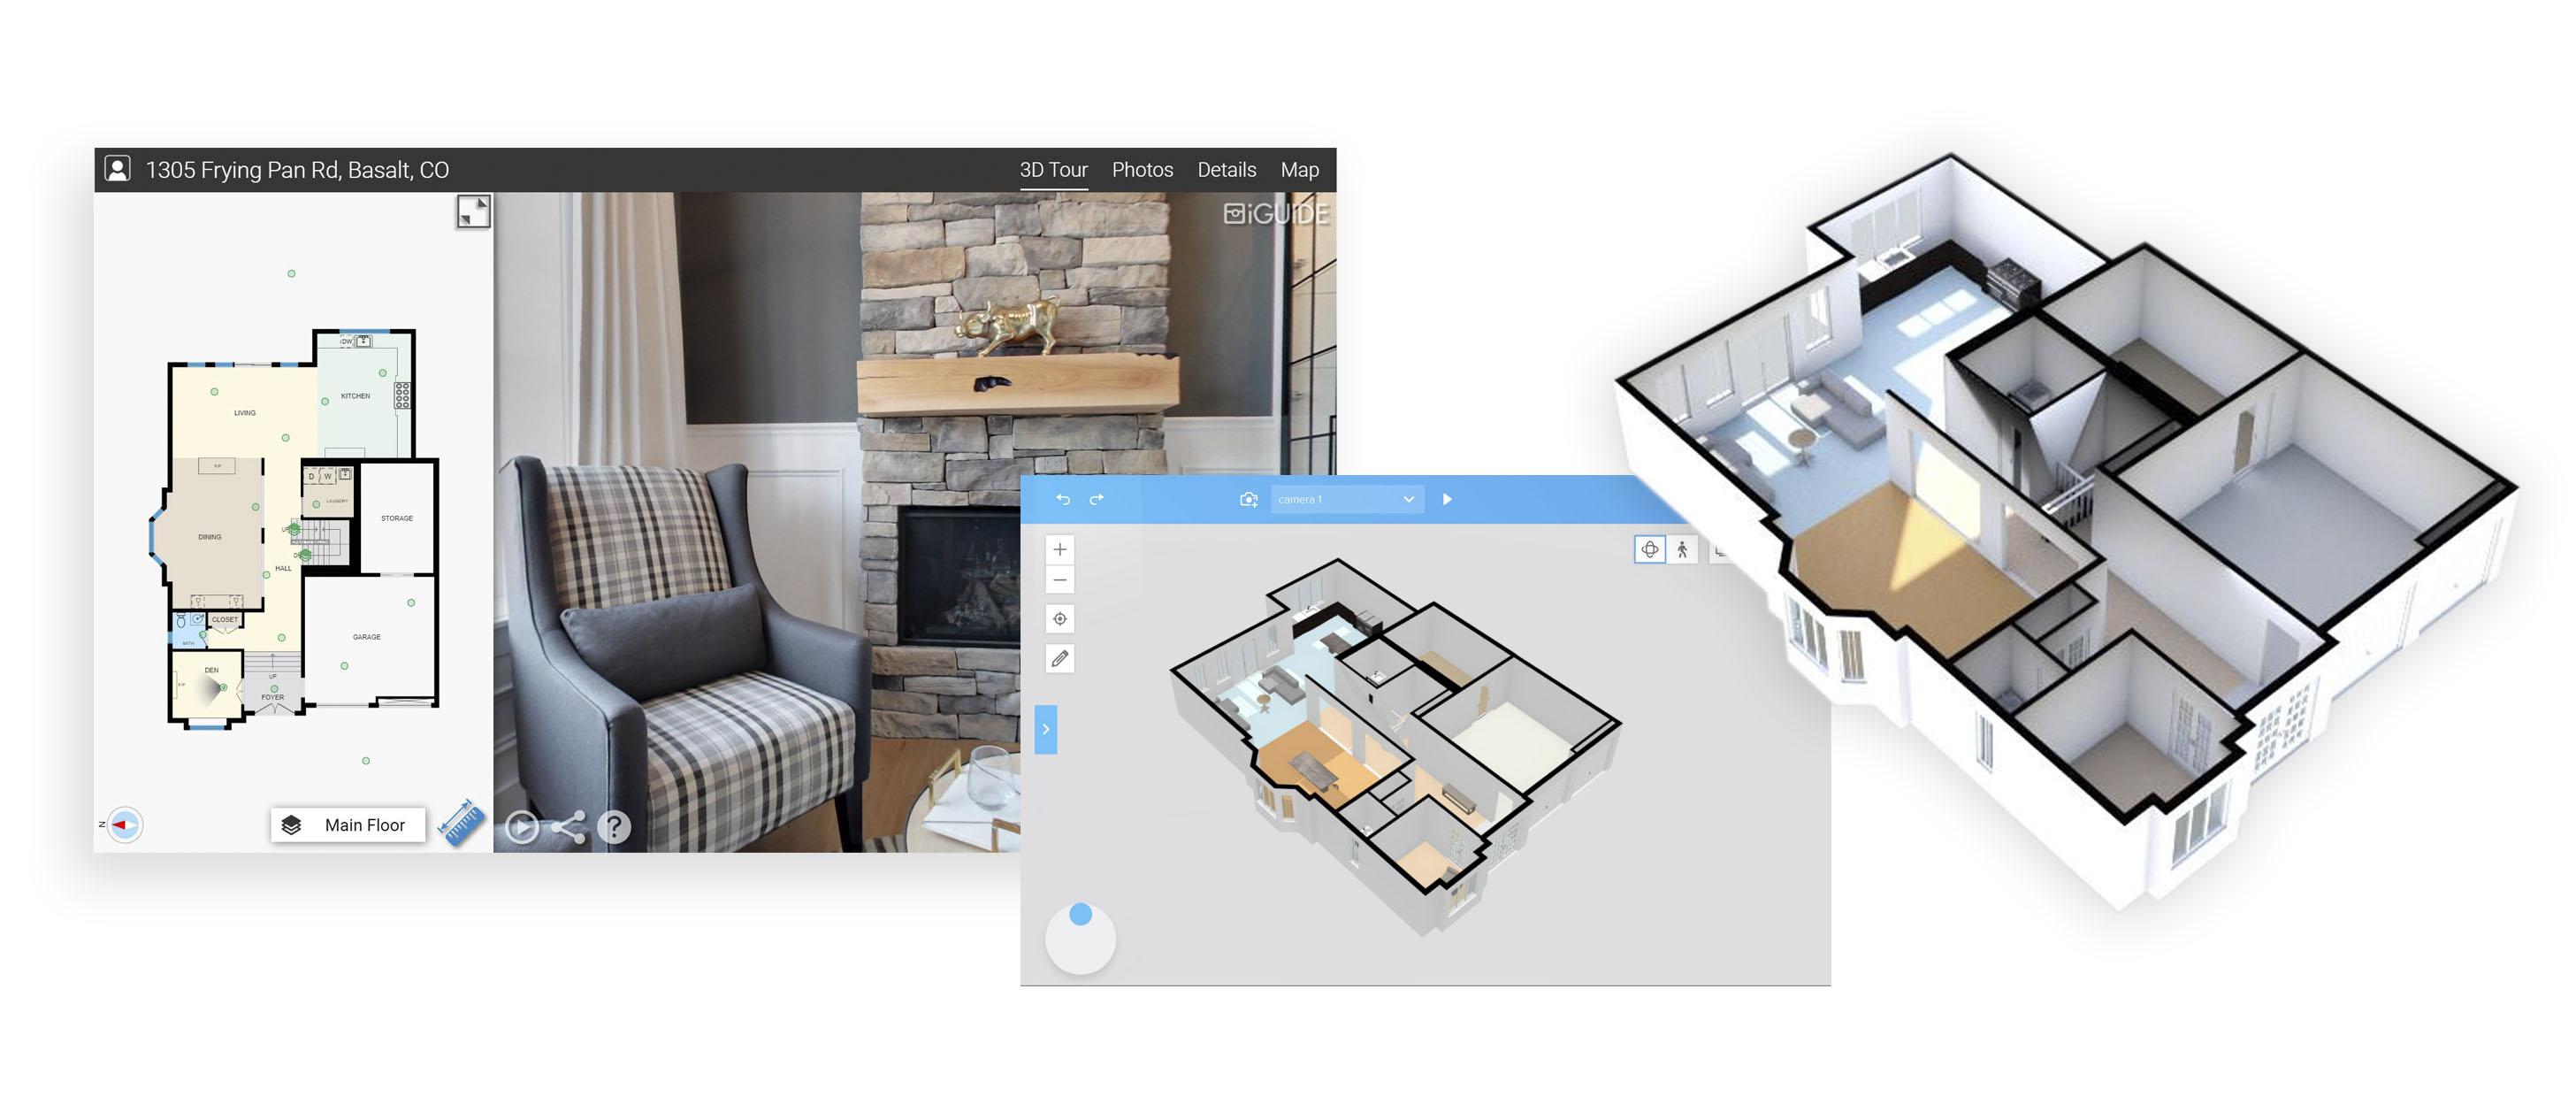 Floorplanner Iguide